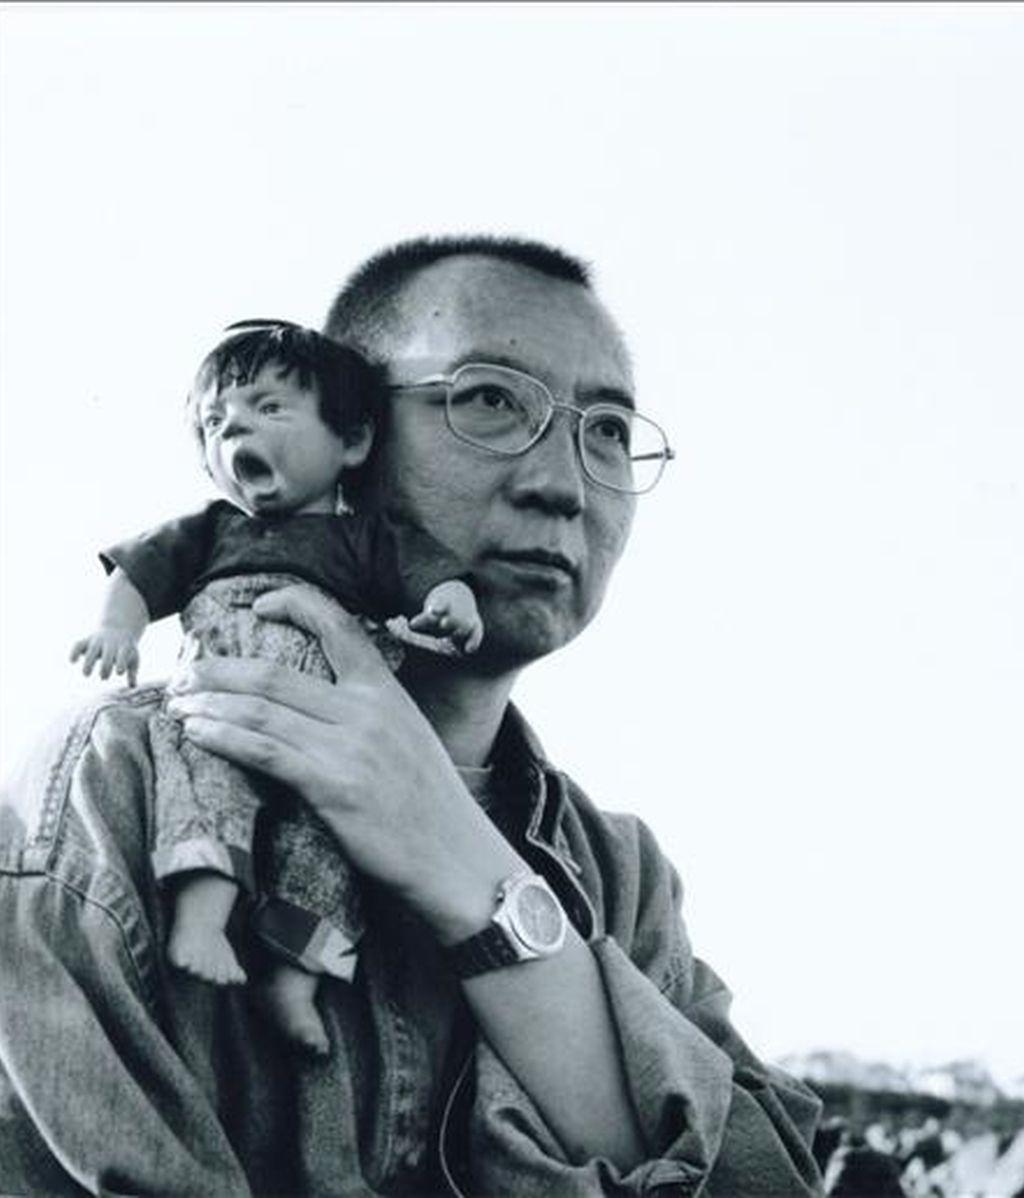 Fotografía de archivo de fecha desconocida que muestra al disidente chino Liu Xiaobo en Pekín, China. EFE/Archivo